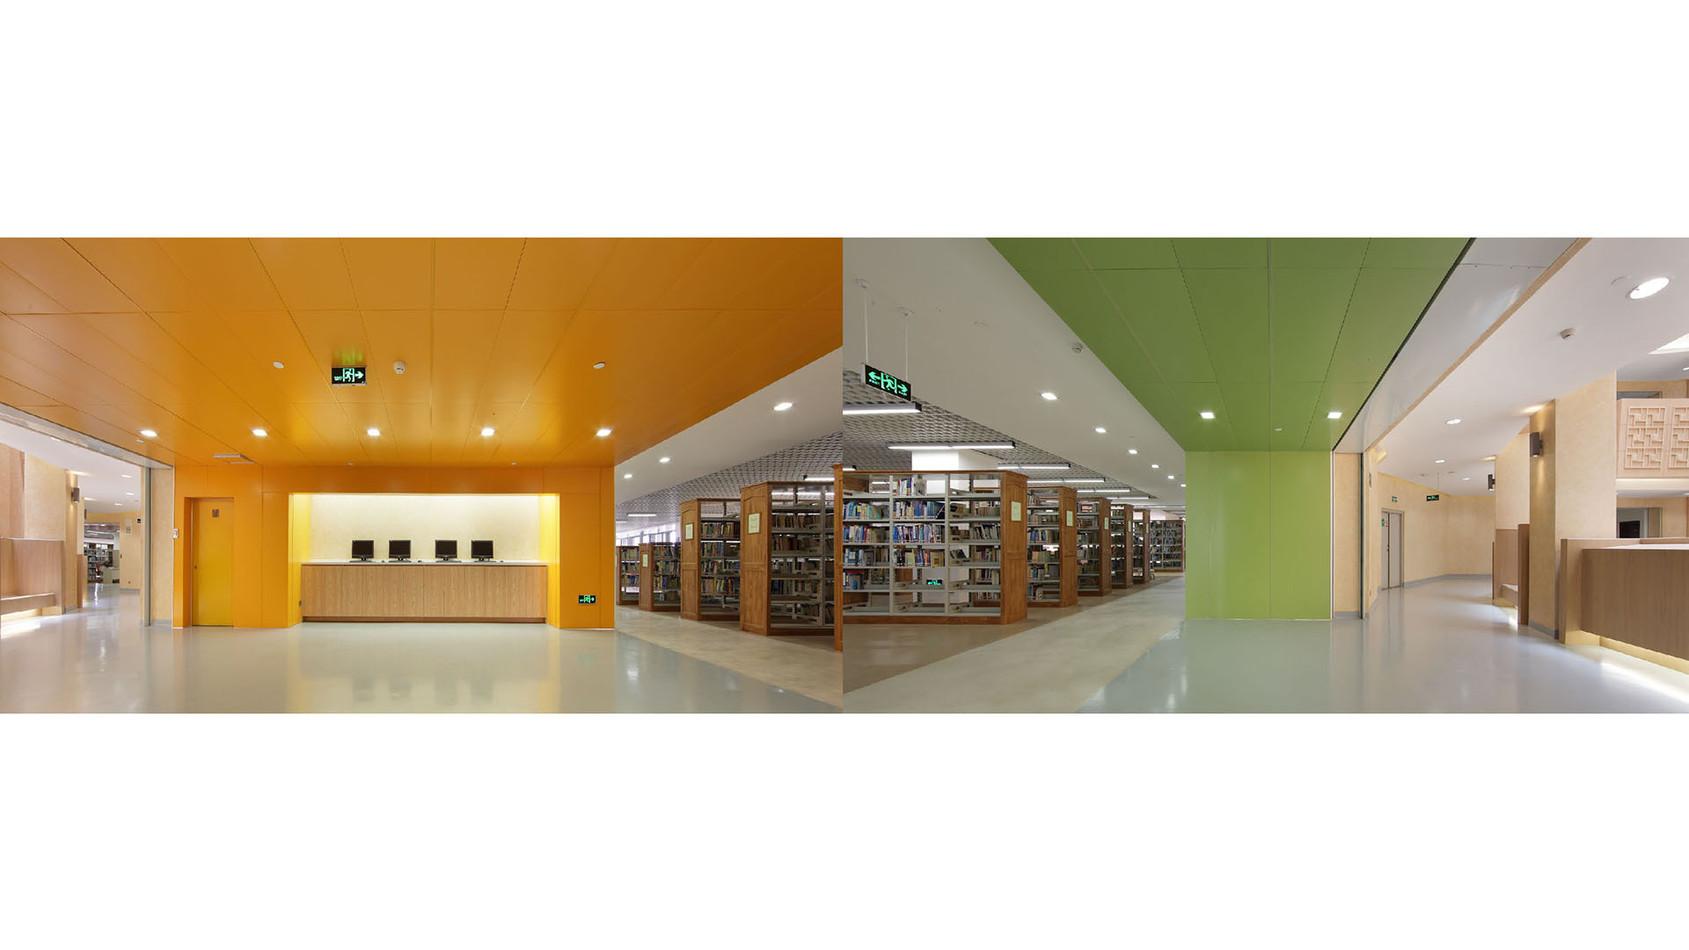 LIBRARY-FOR-KUNMING-UNIVERSITY-ZH 15.jpg